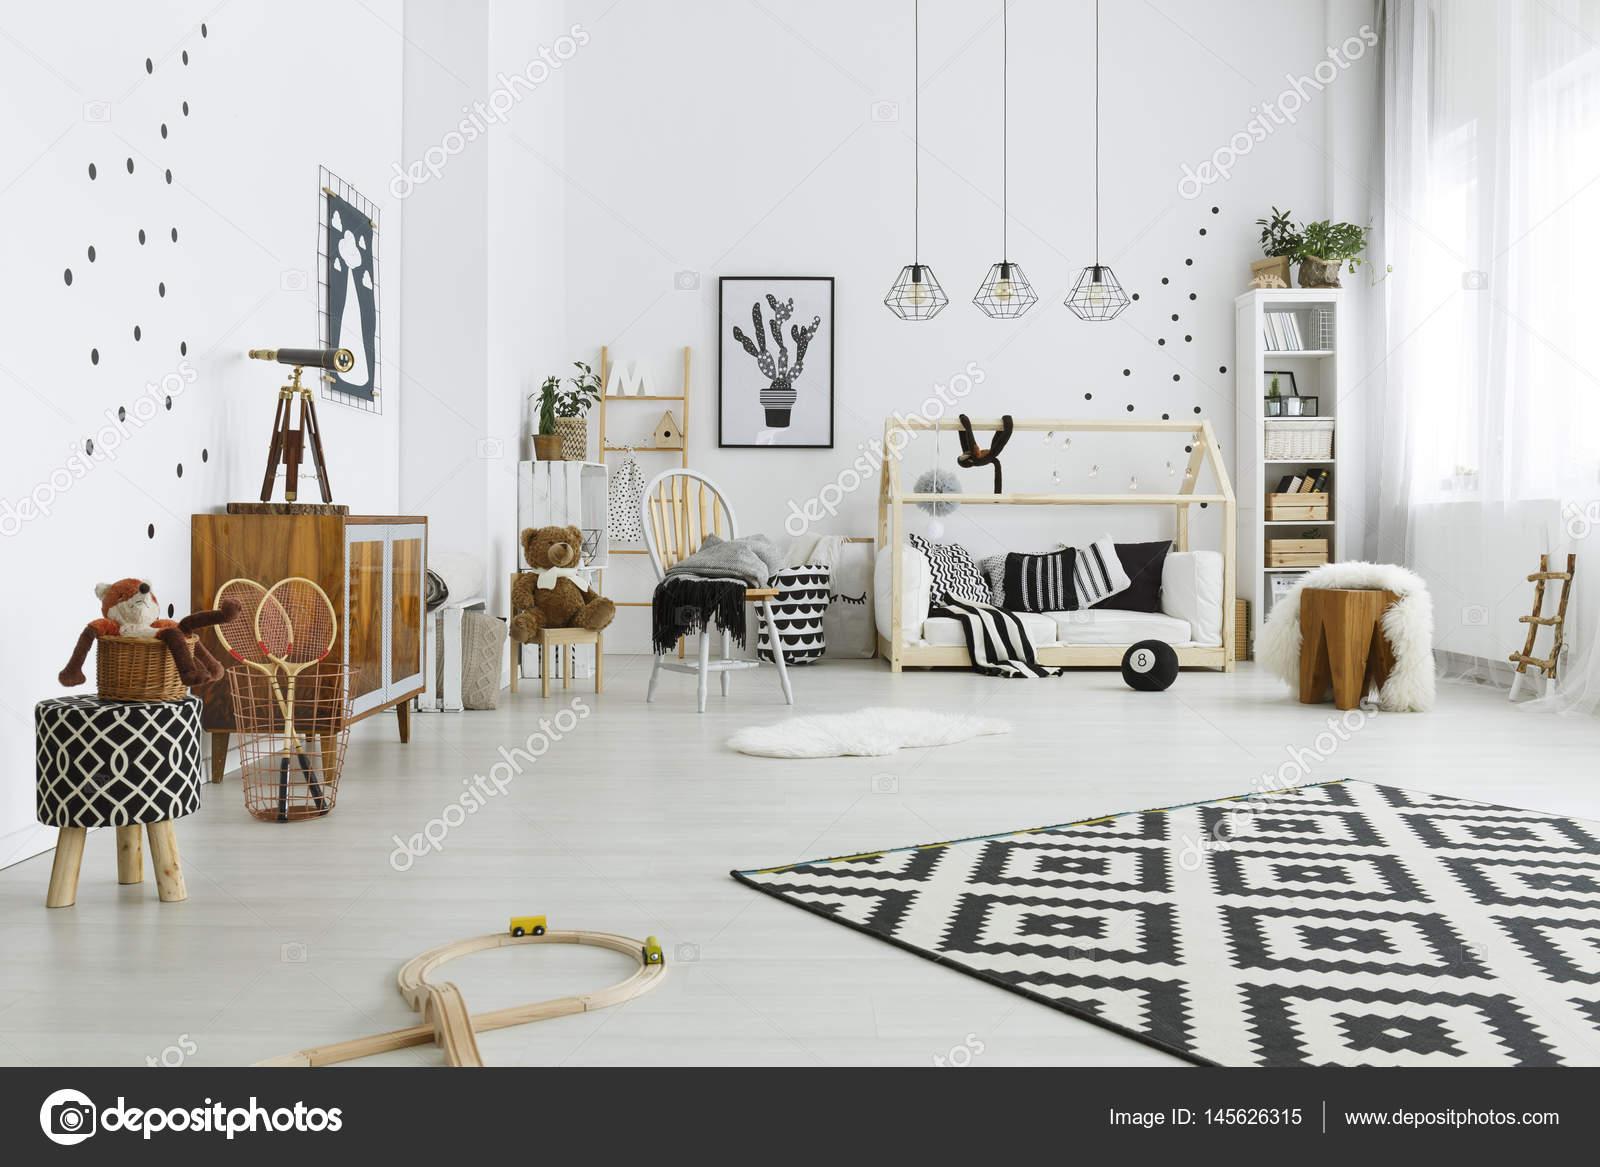 Pokój Dziecka W Stylu Skandynawskim Zdjęcie Stockowe